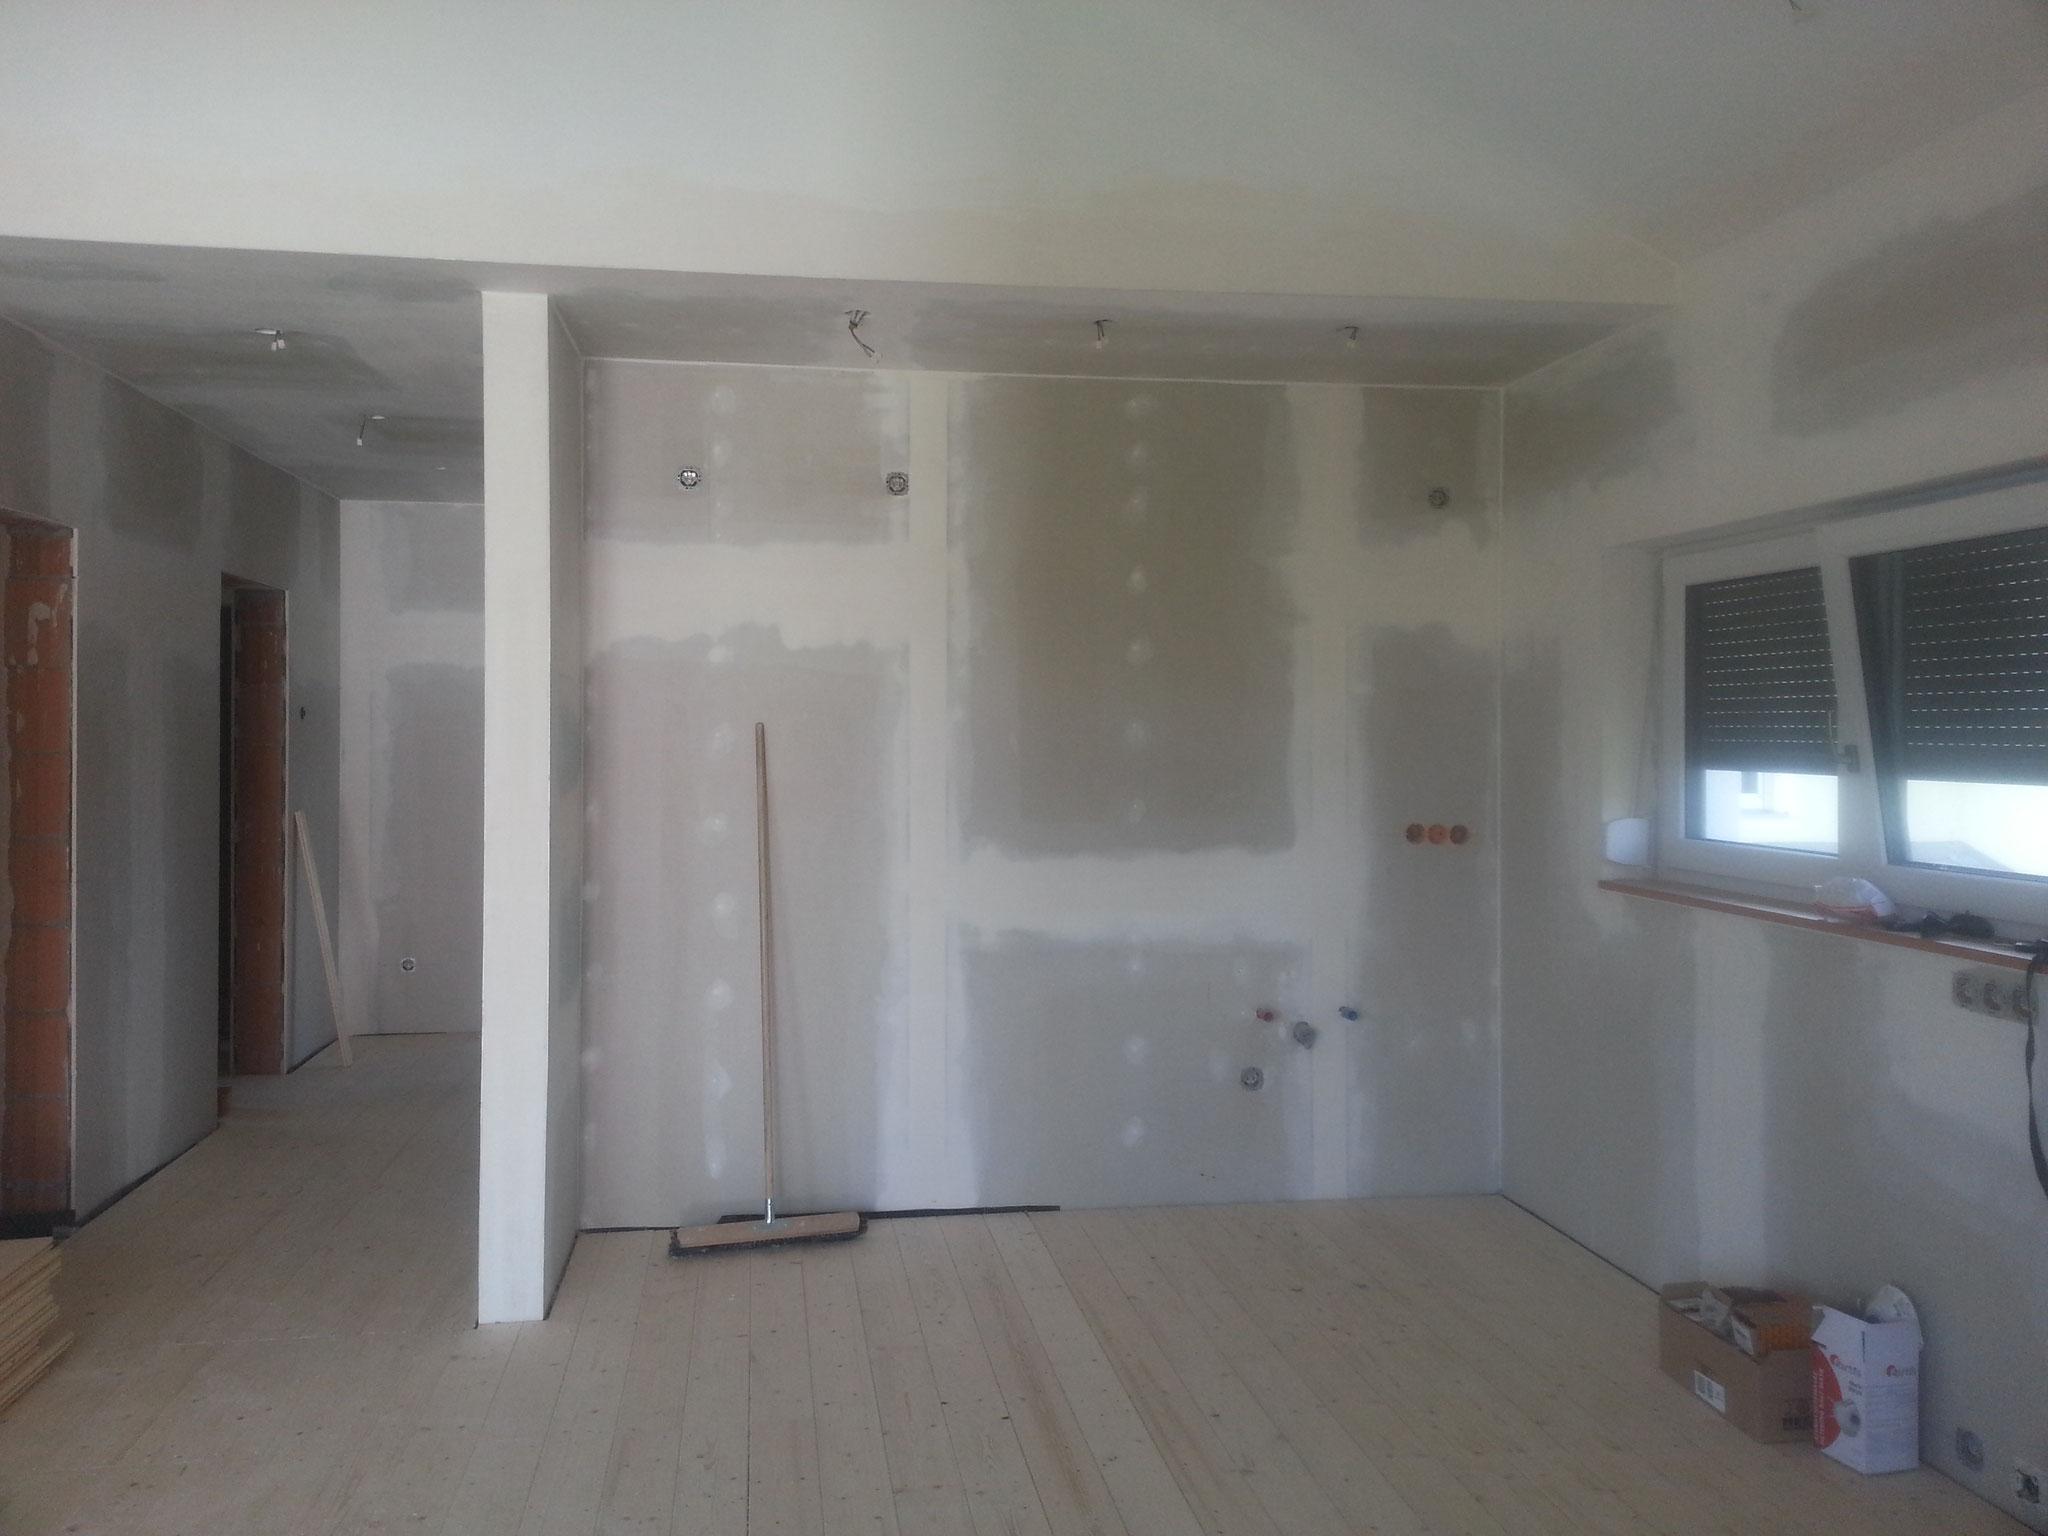 Die Wände sind malerfertig gespachtelt und geschliffen